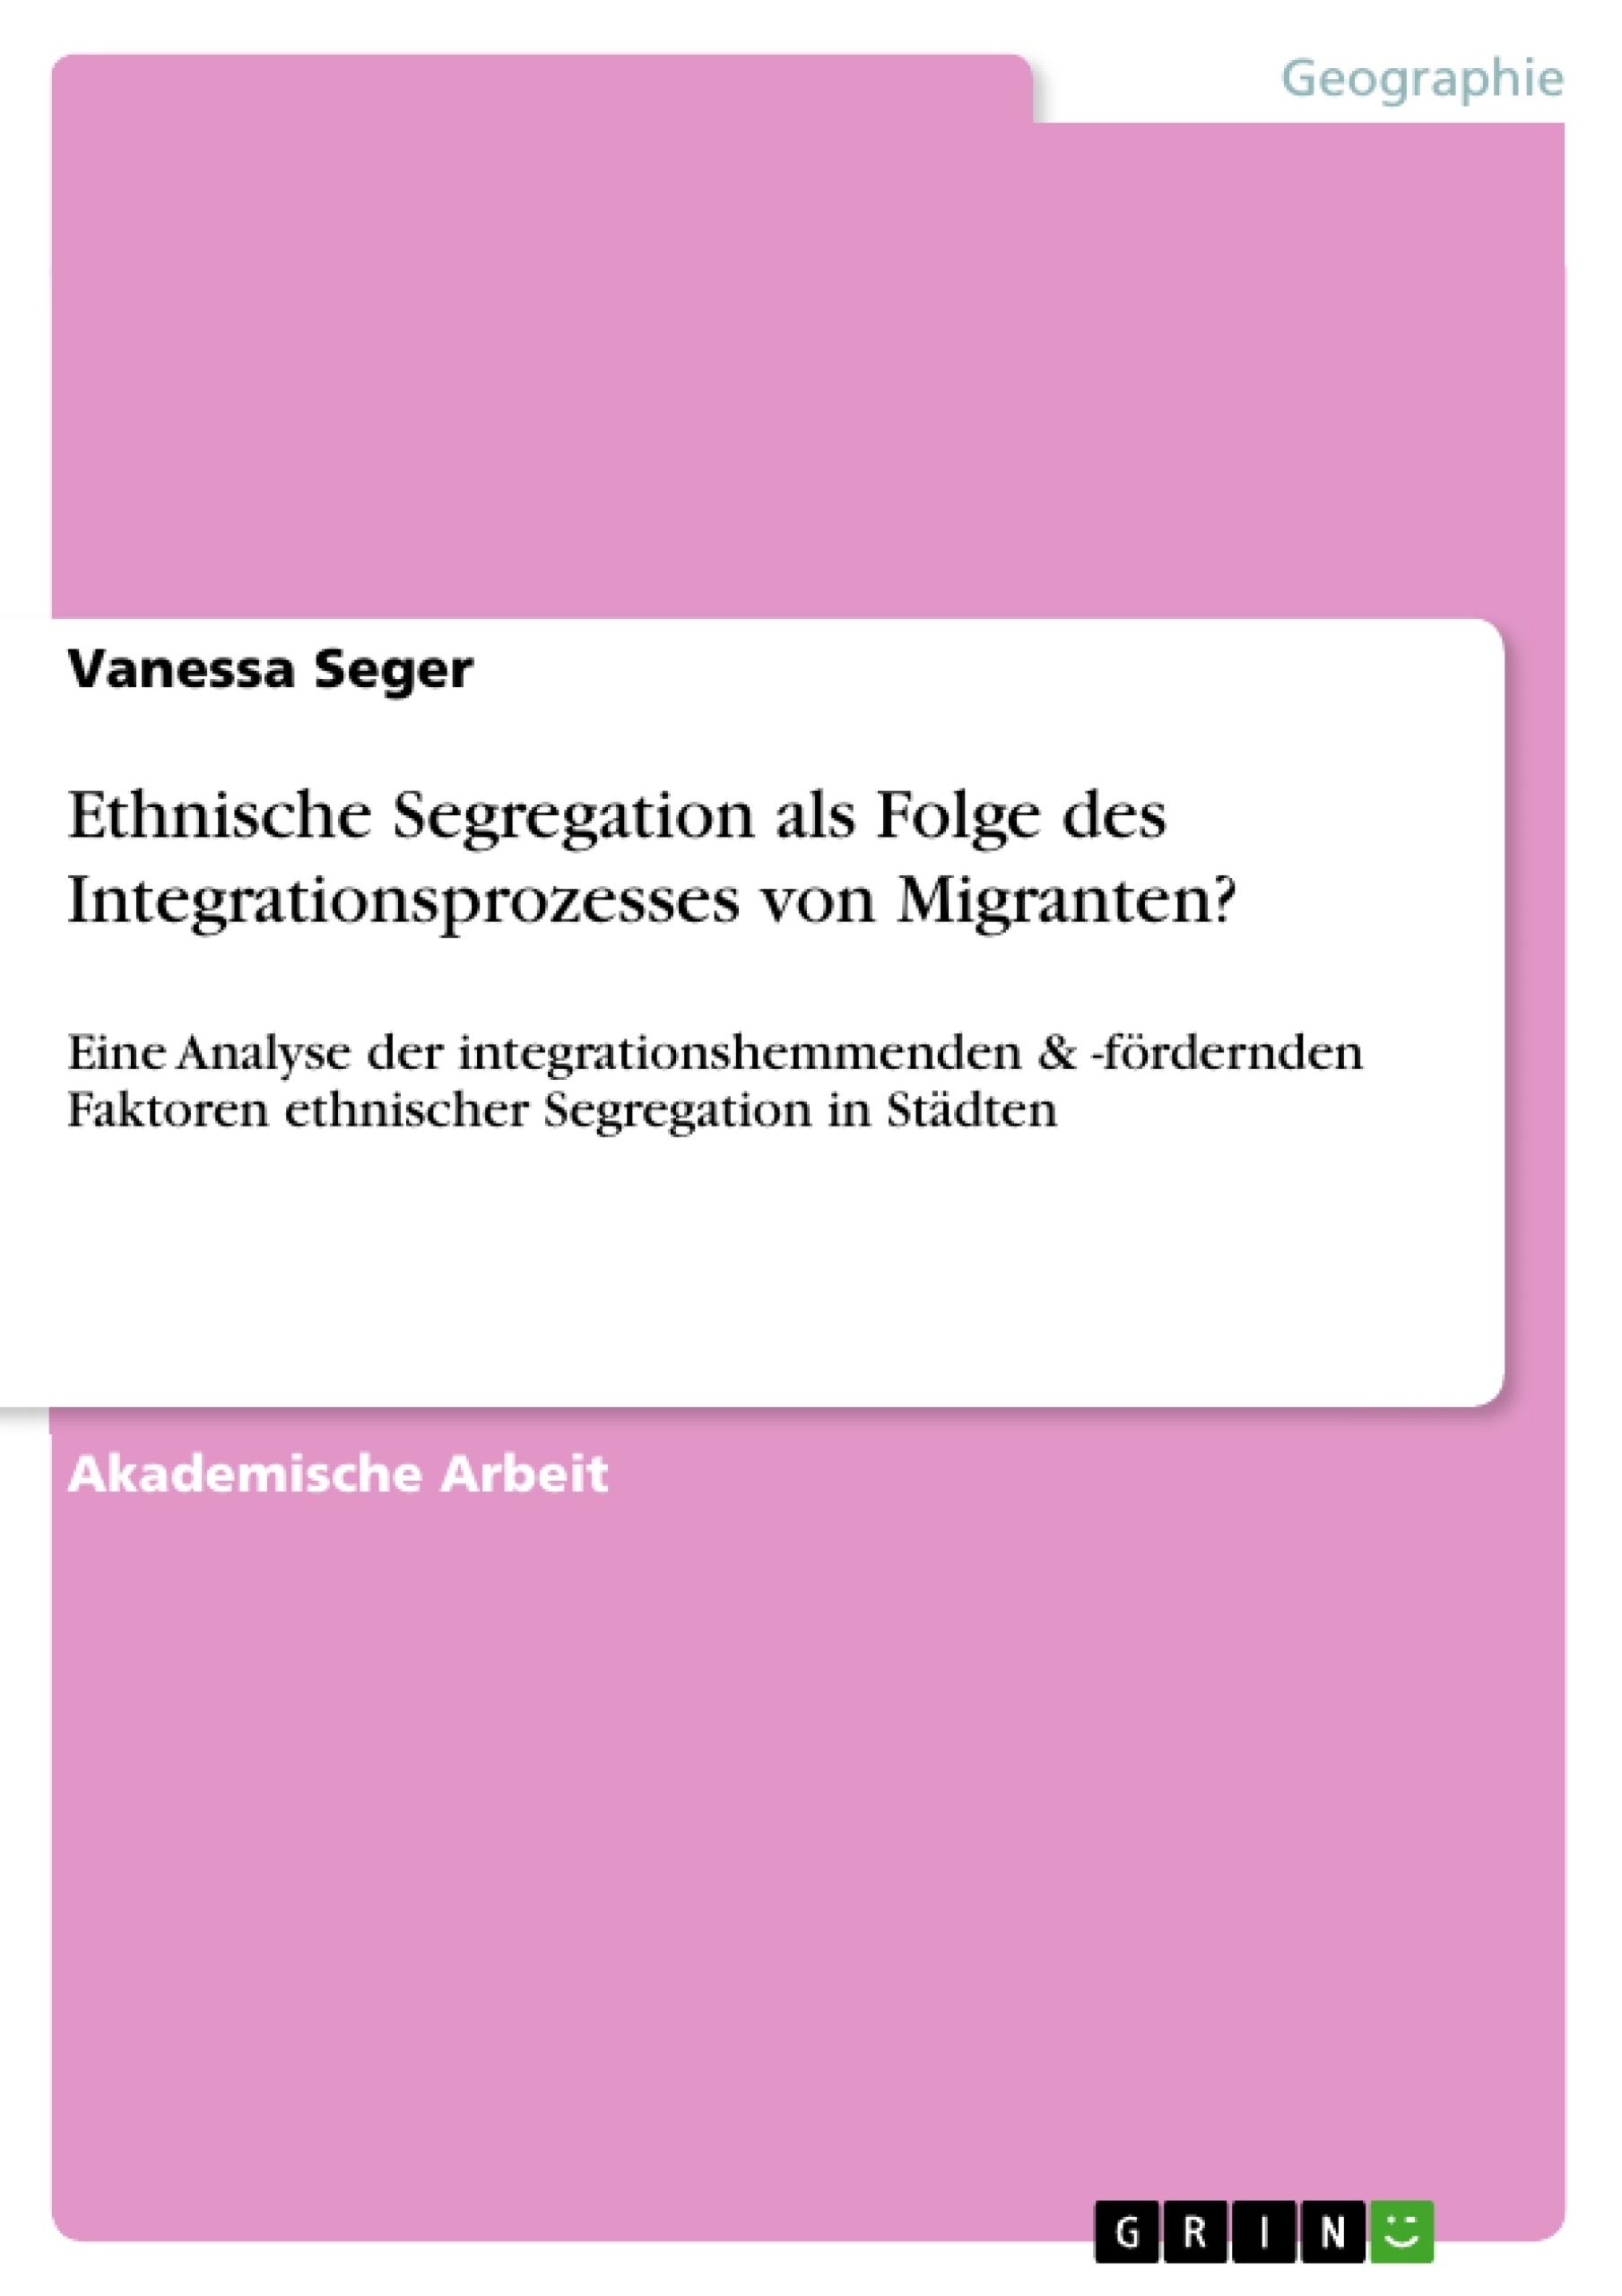 Titel: Ethnische Segregation als Folge des Integrationsprozesses von Migranten?